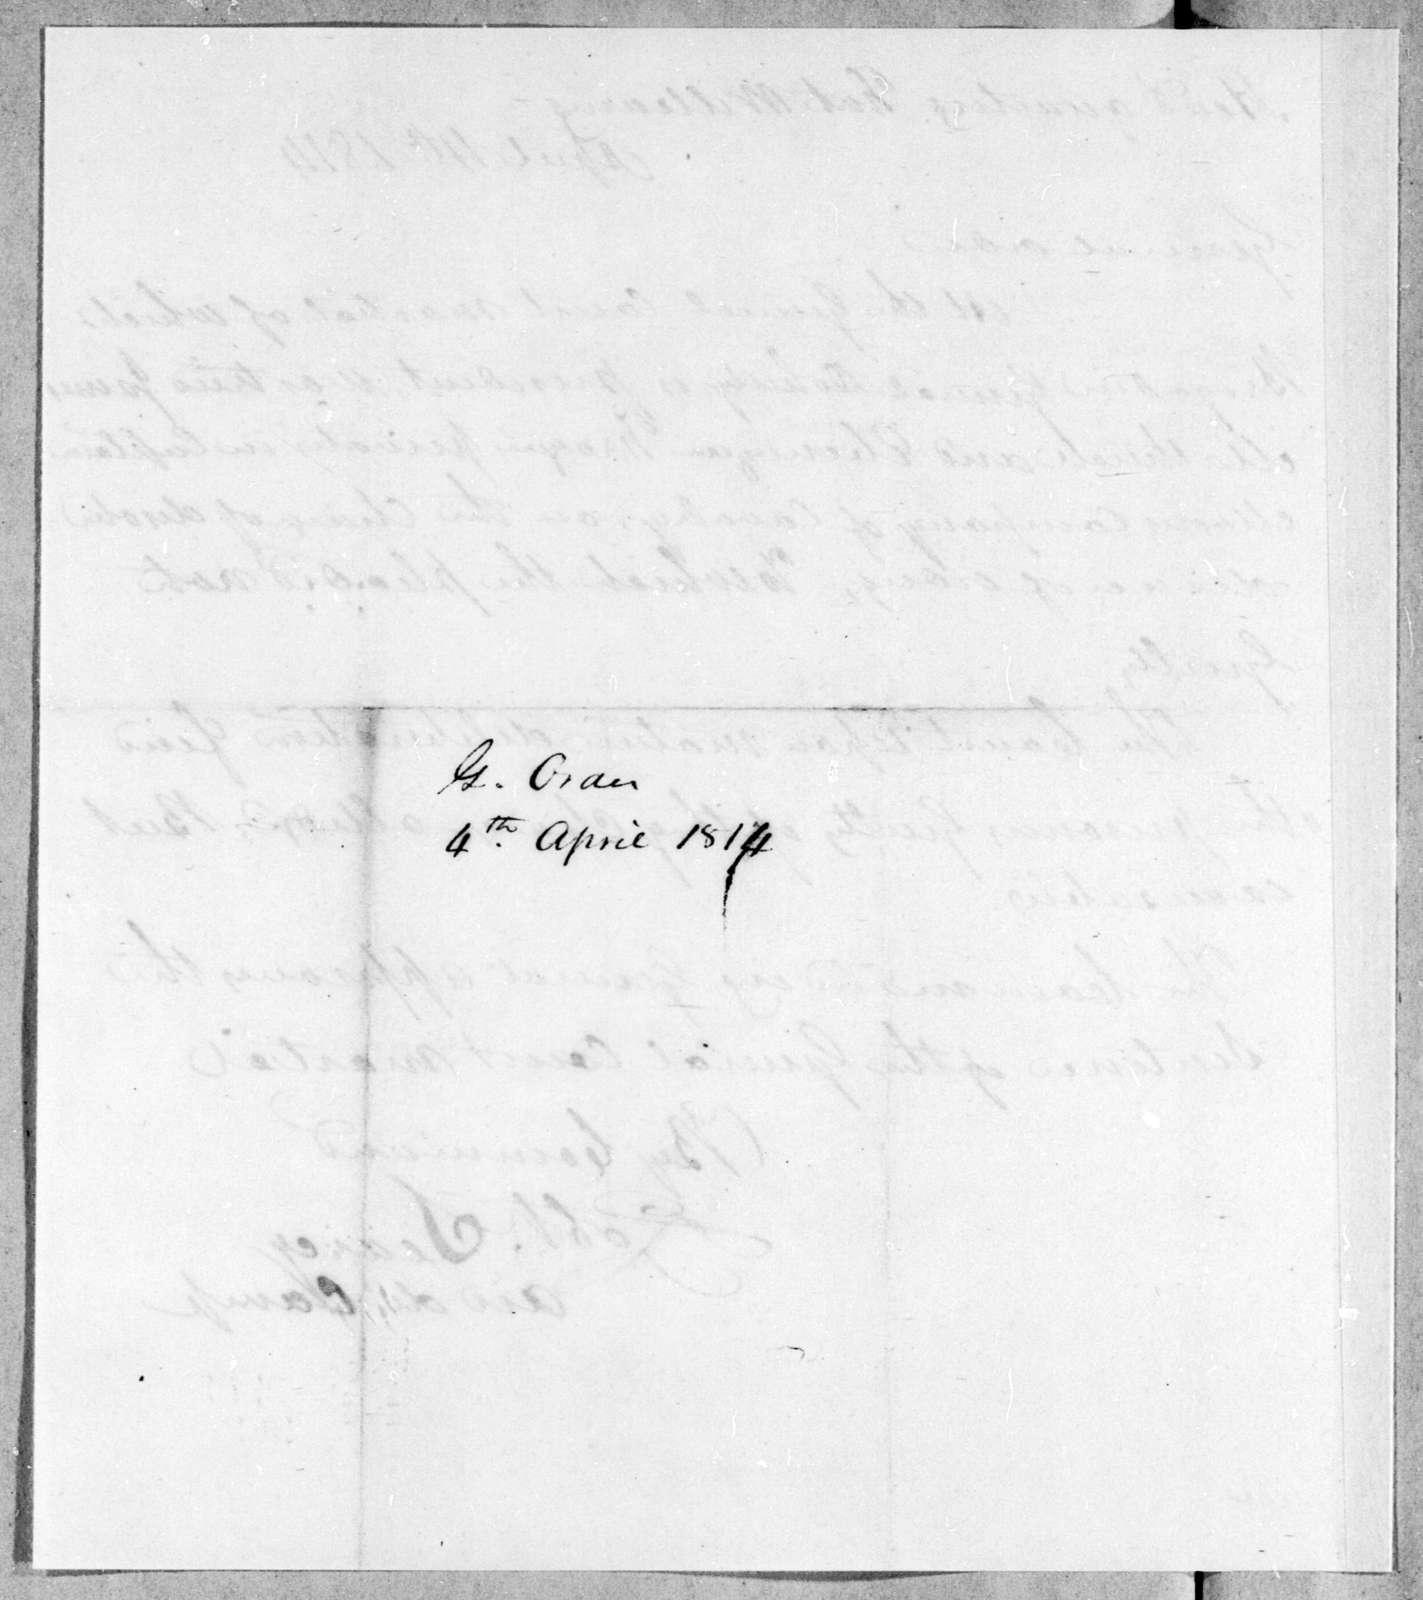 Robert Searcy, April 4, 1814